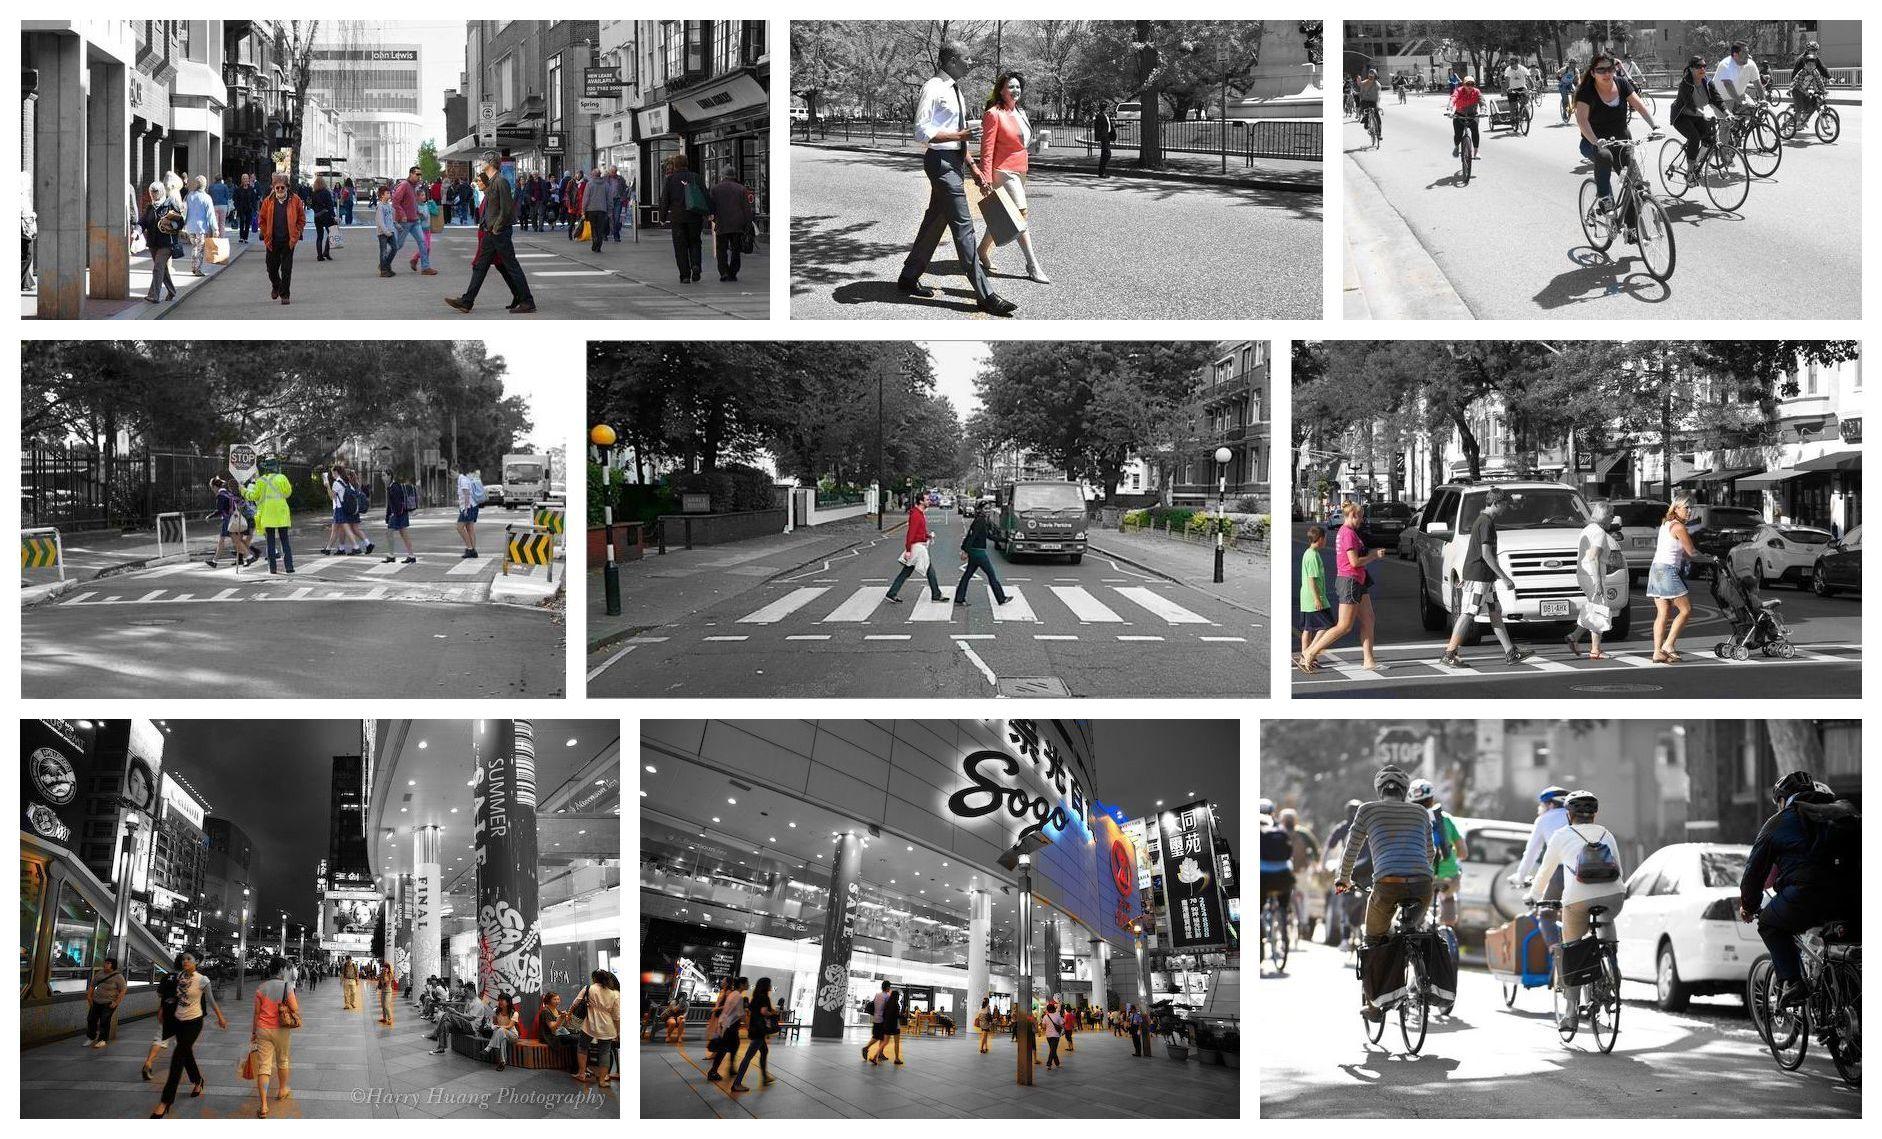 街道圖片語義分割結果 (只有「人」的部分著色)